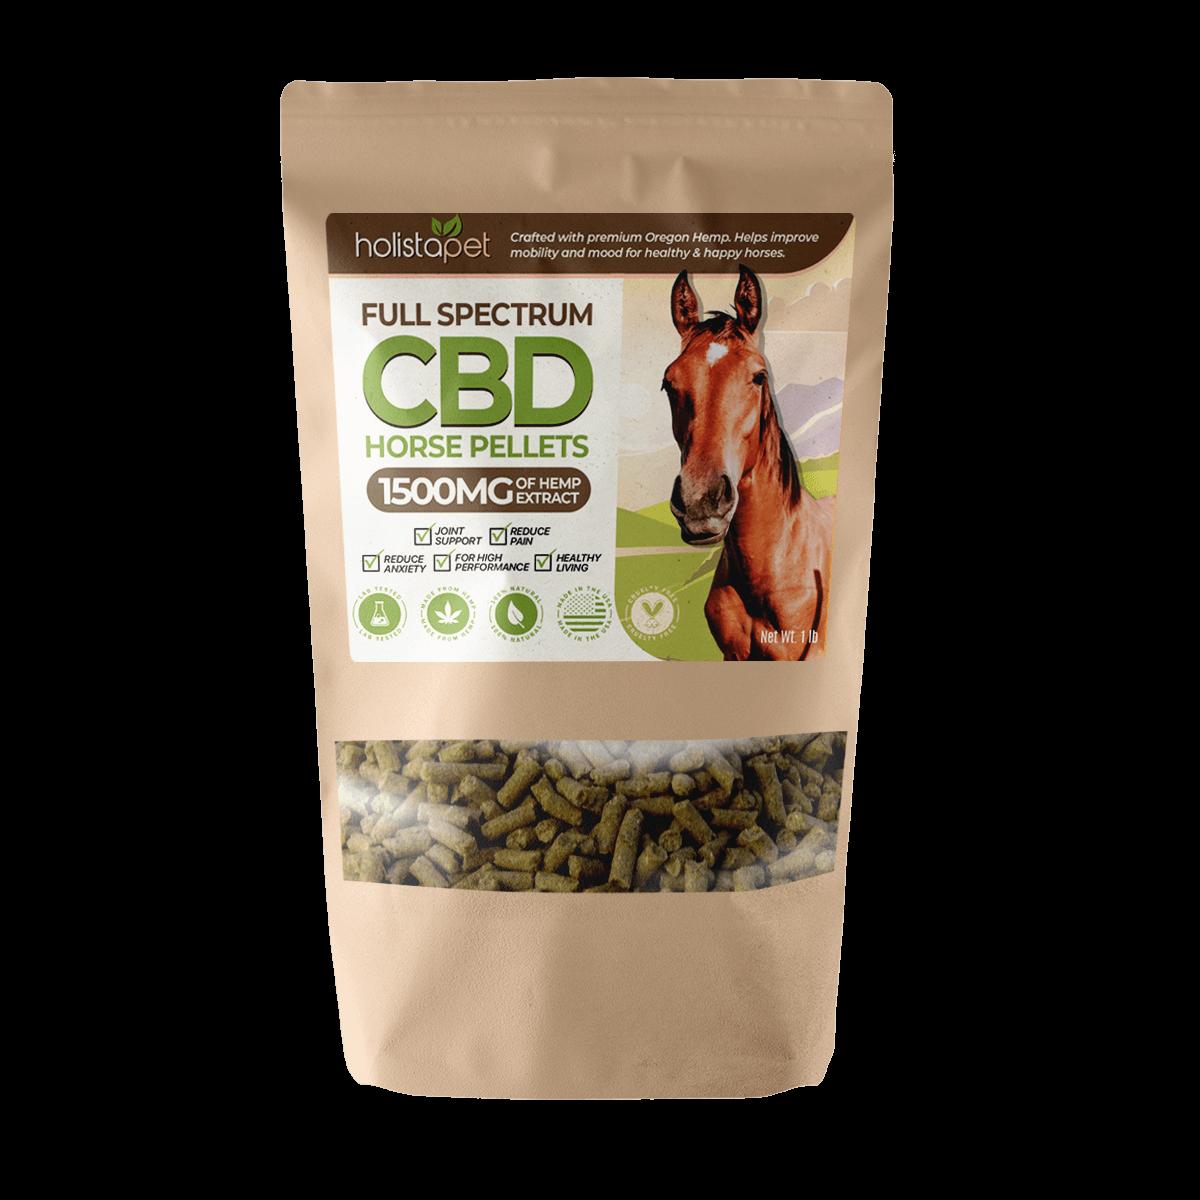 15000mg CBD Horse Pellets